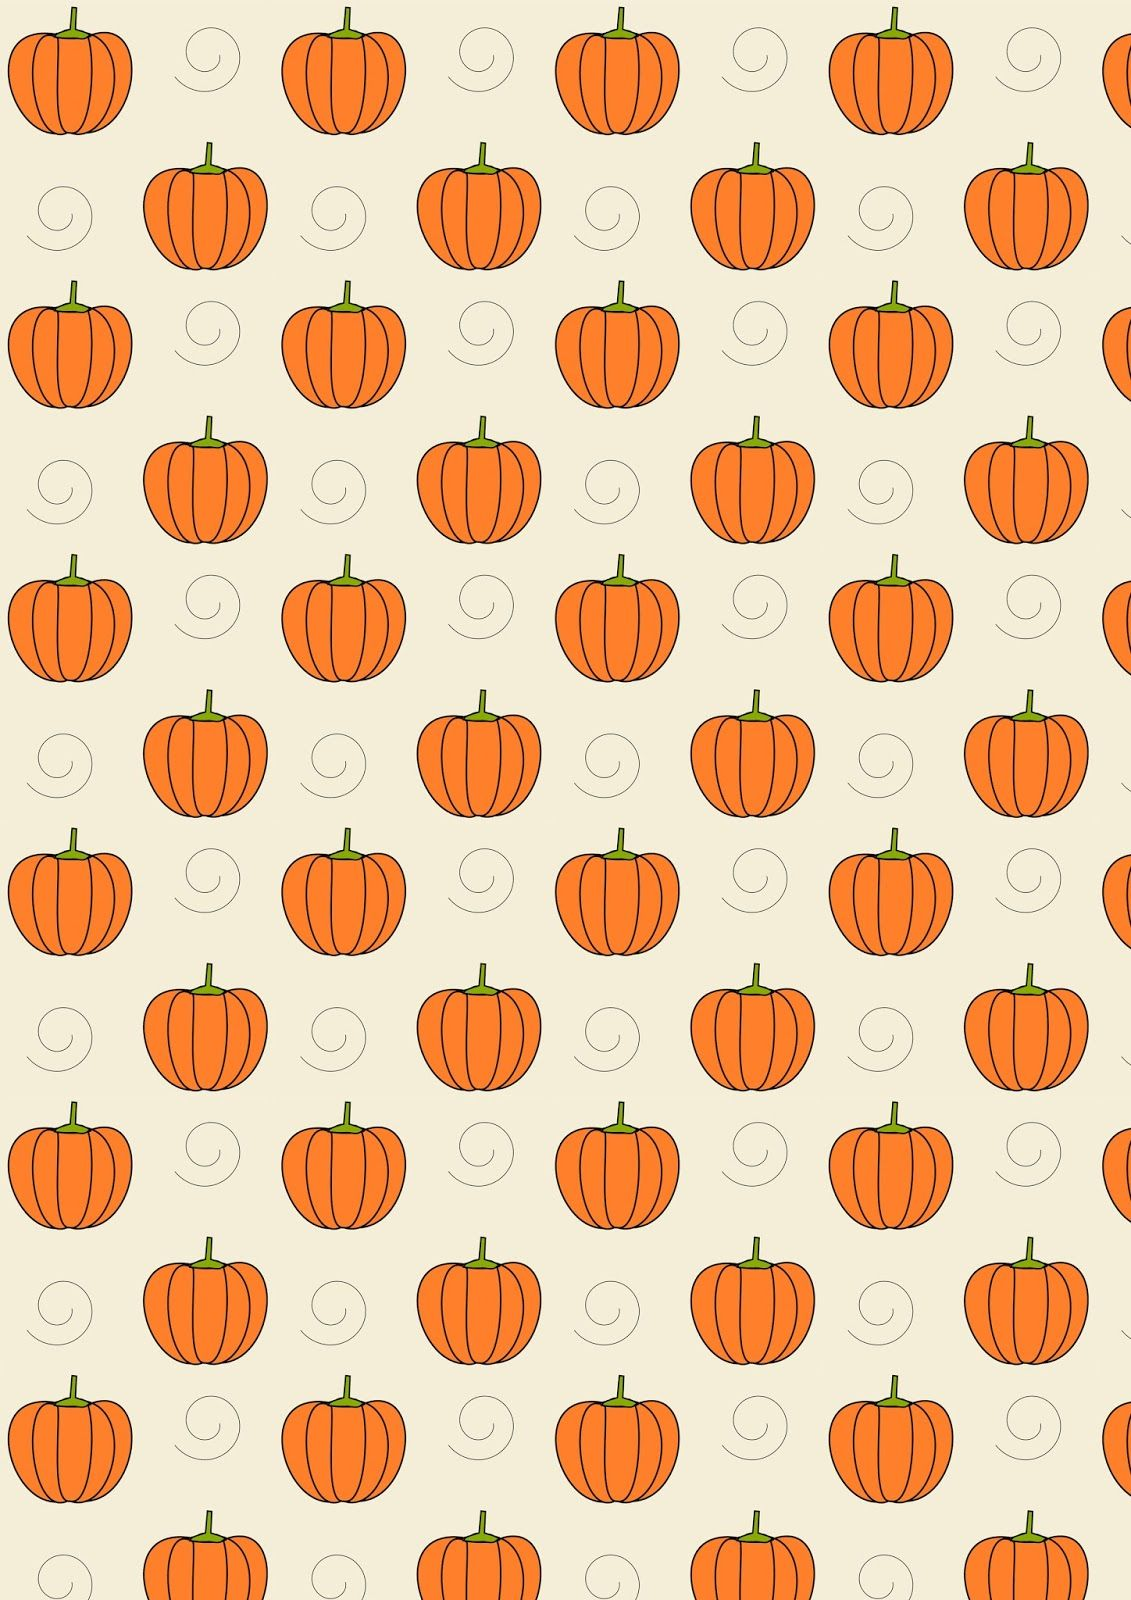 Free Digital Pumpkin Scrapbooking Paper Ausdruckbares Geschenkpapier Freebie Cute Fall Wallpaper Pumpkin Wallpaper Halloween Wallpaper